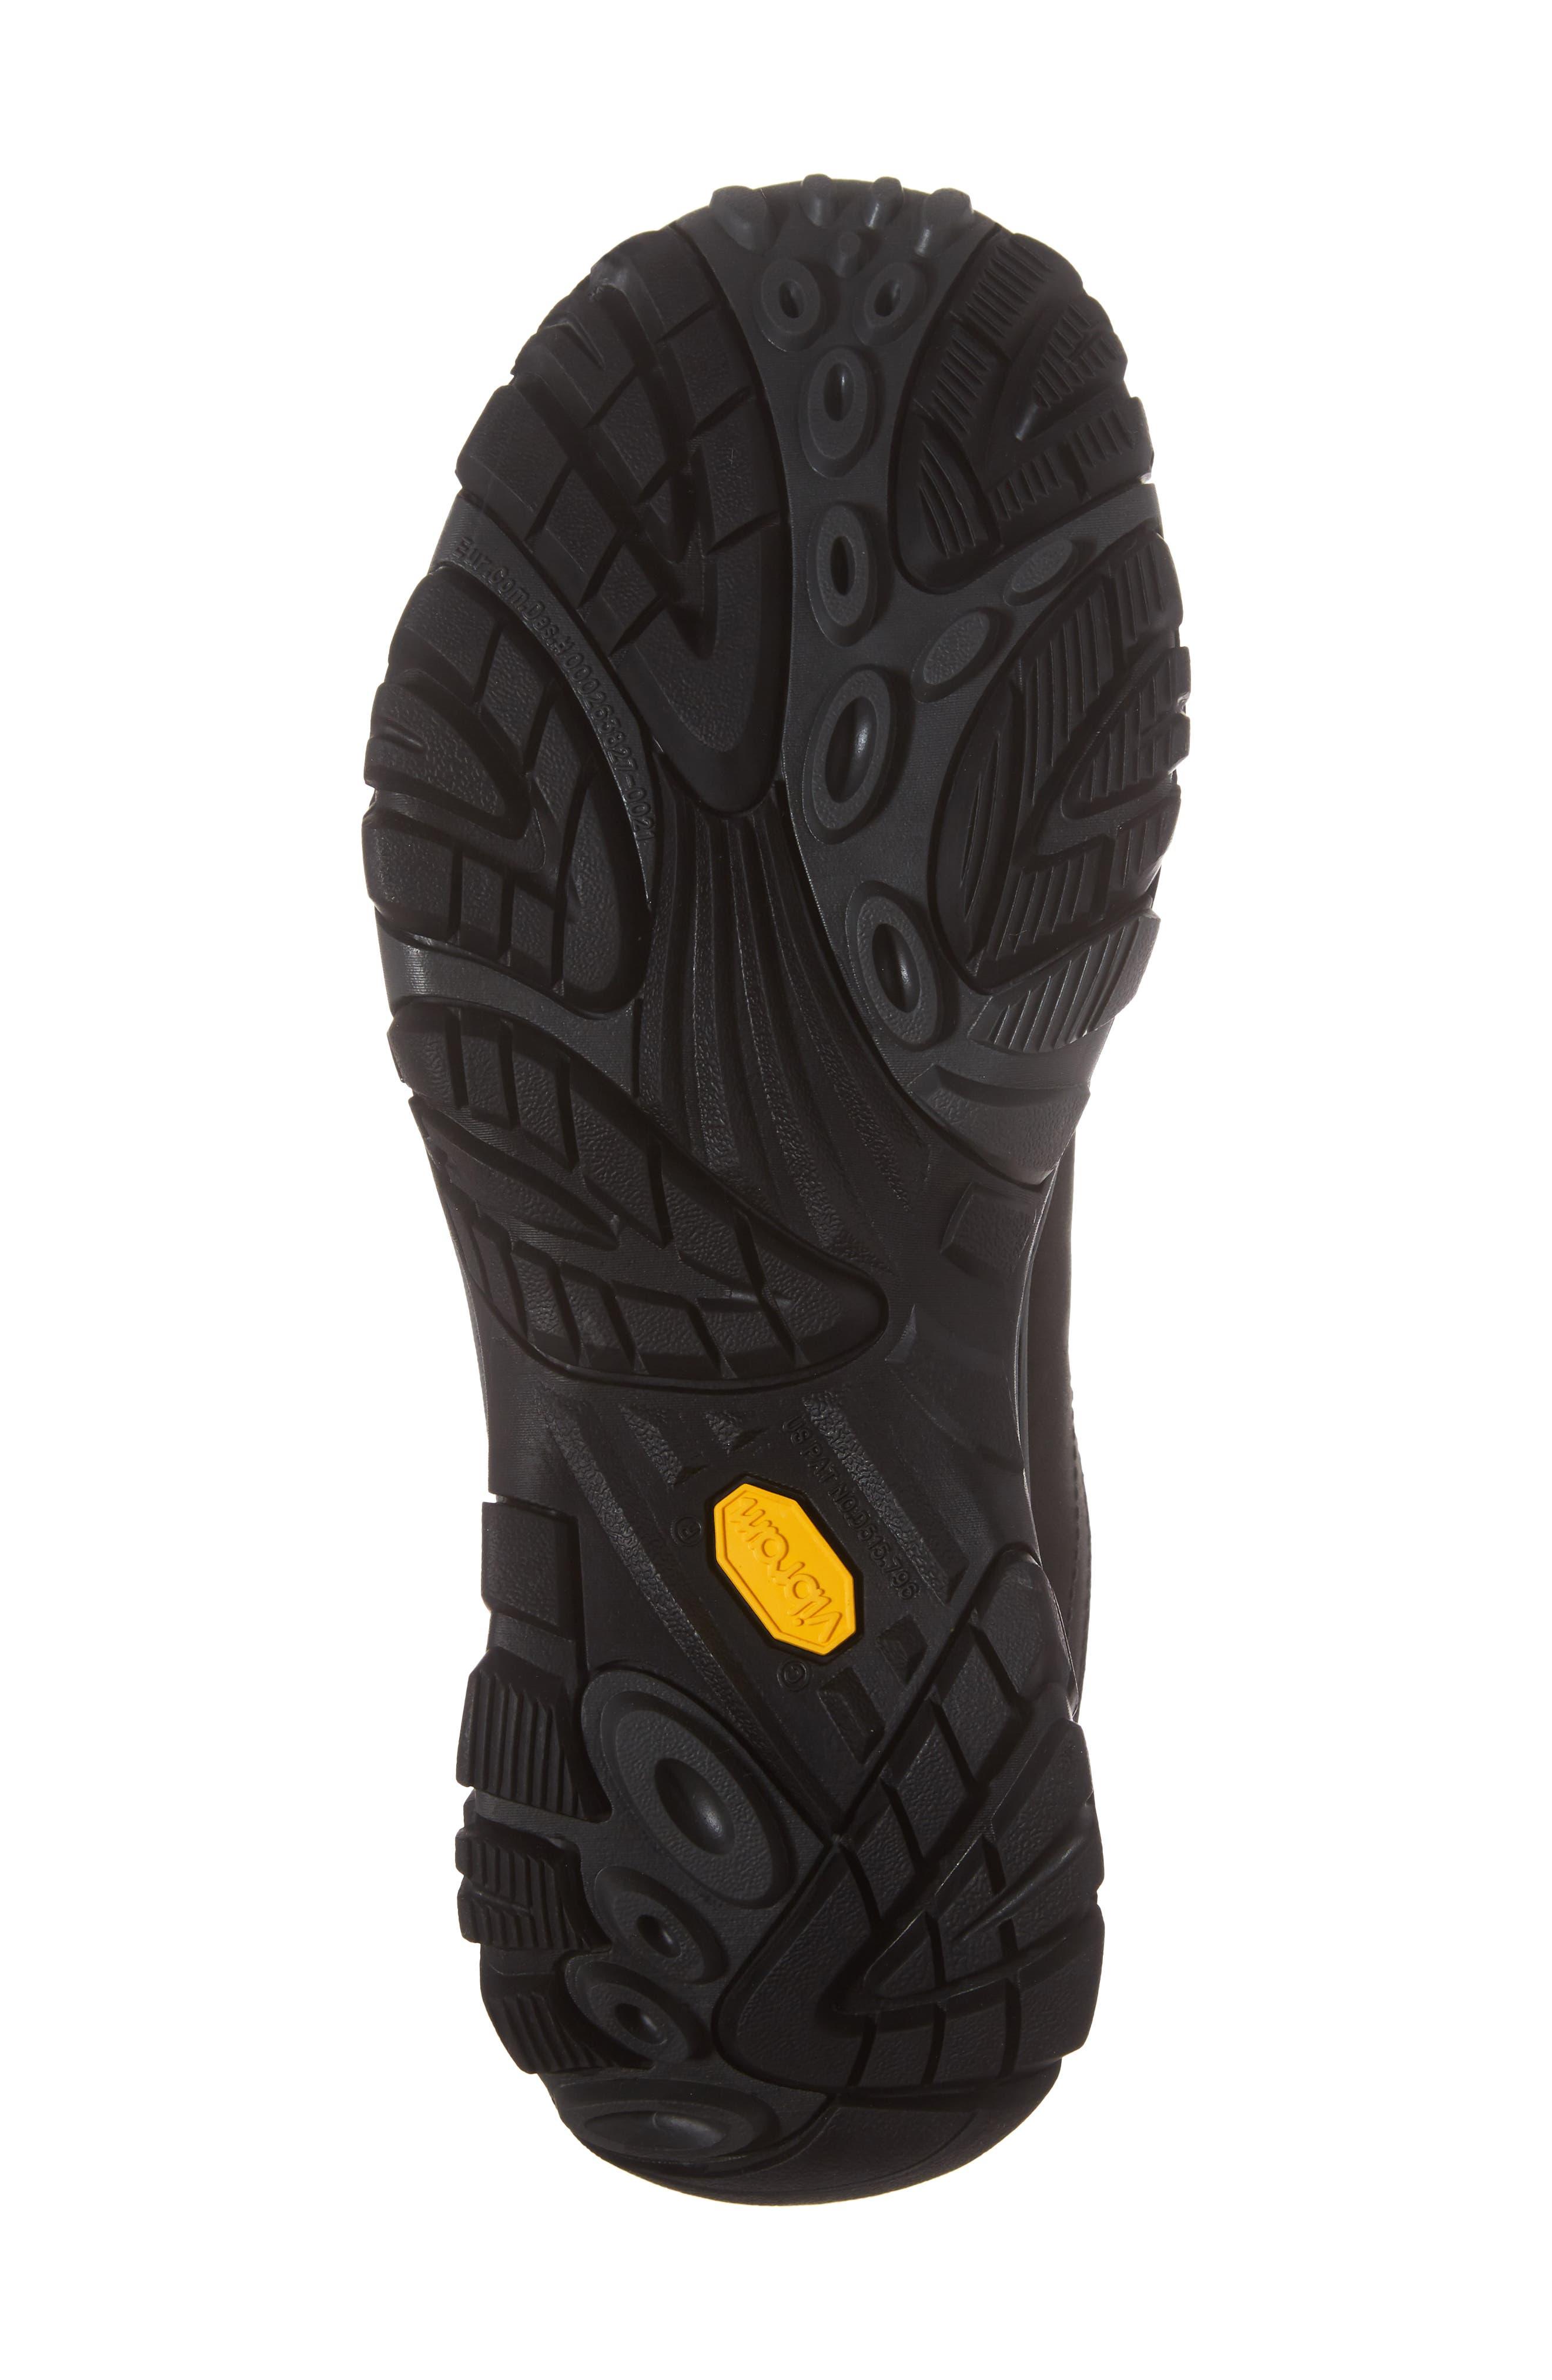 Moab Adventure Hiking Shoe,                             Alternate thumbnail 6, color,                             BLACK NUBUCK LEATHER